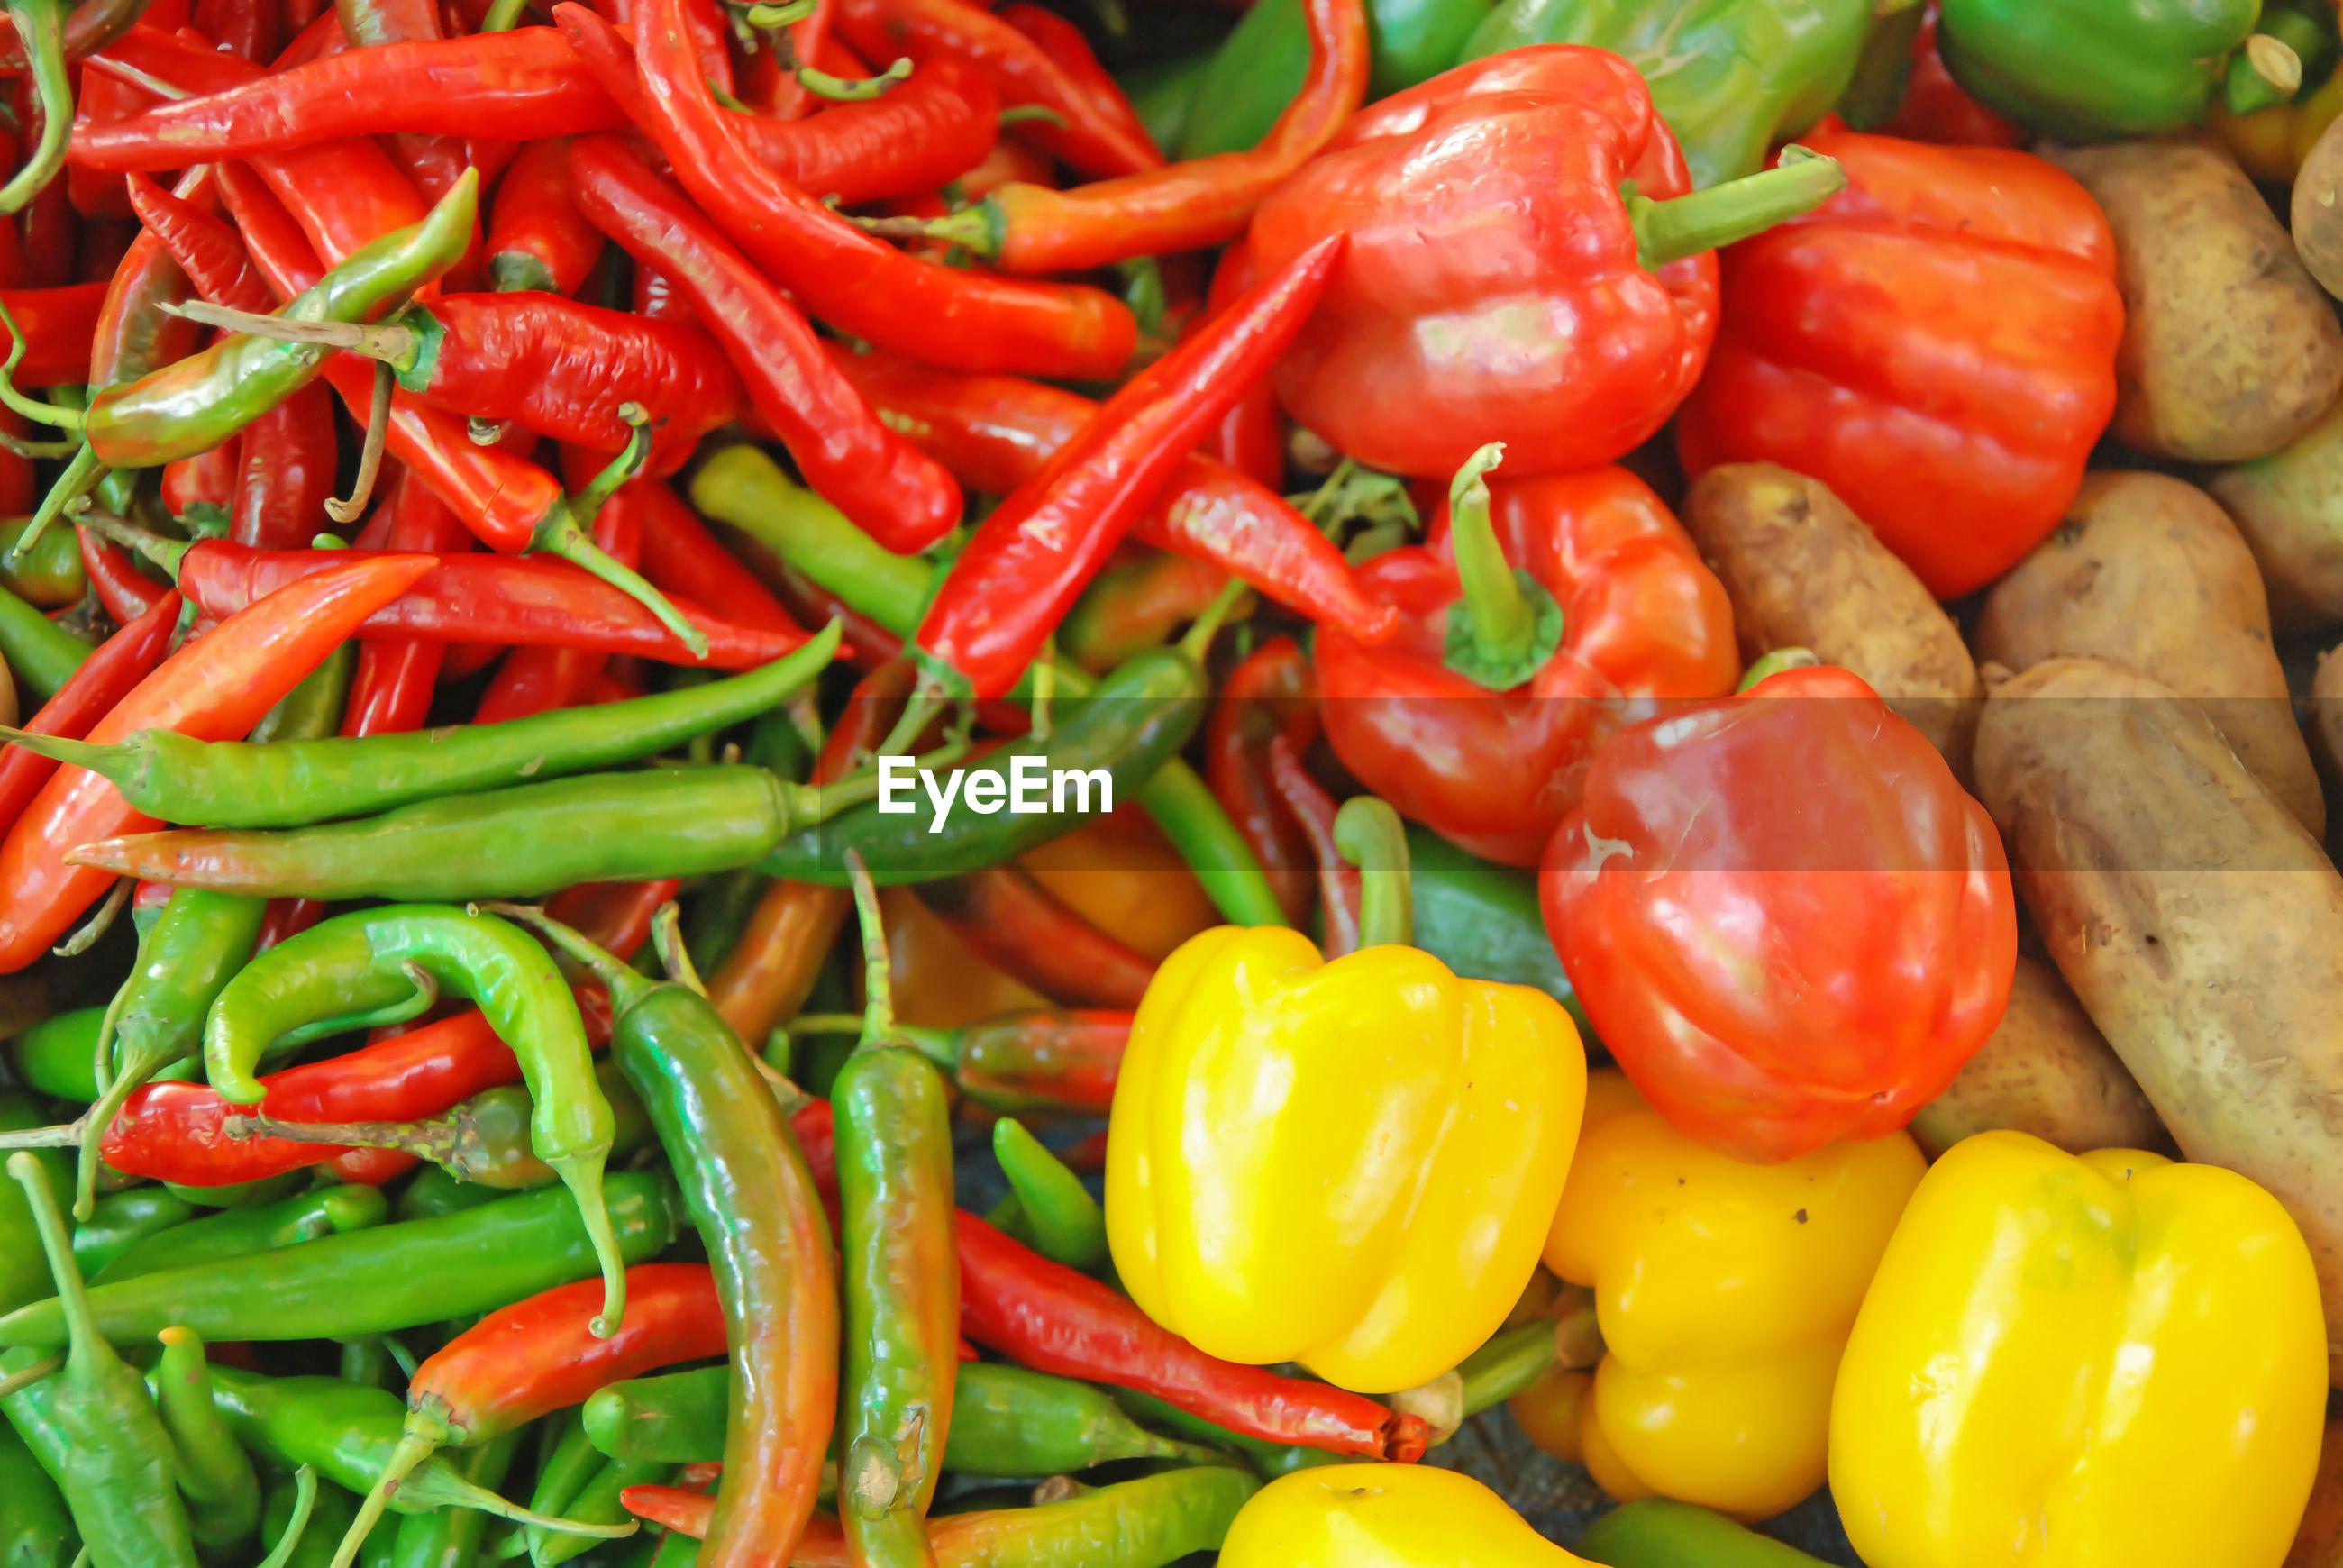 Full frame shot of peppers